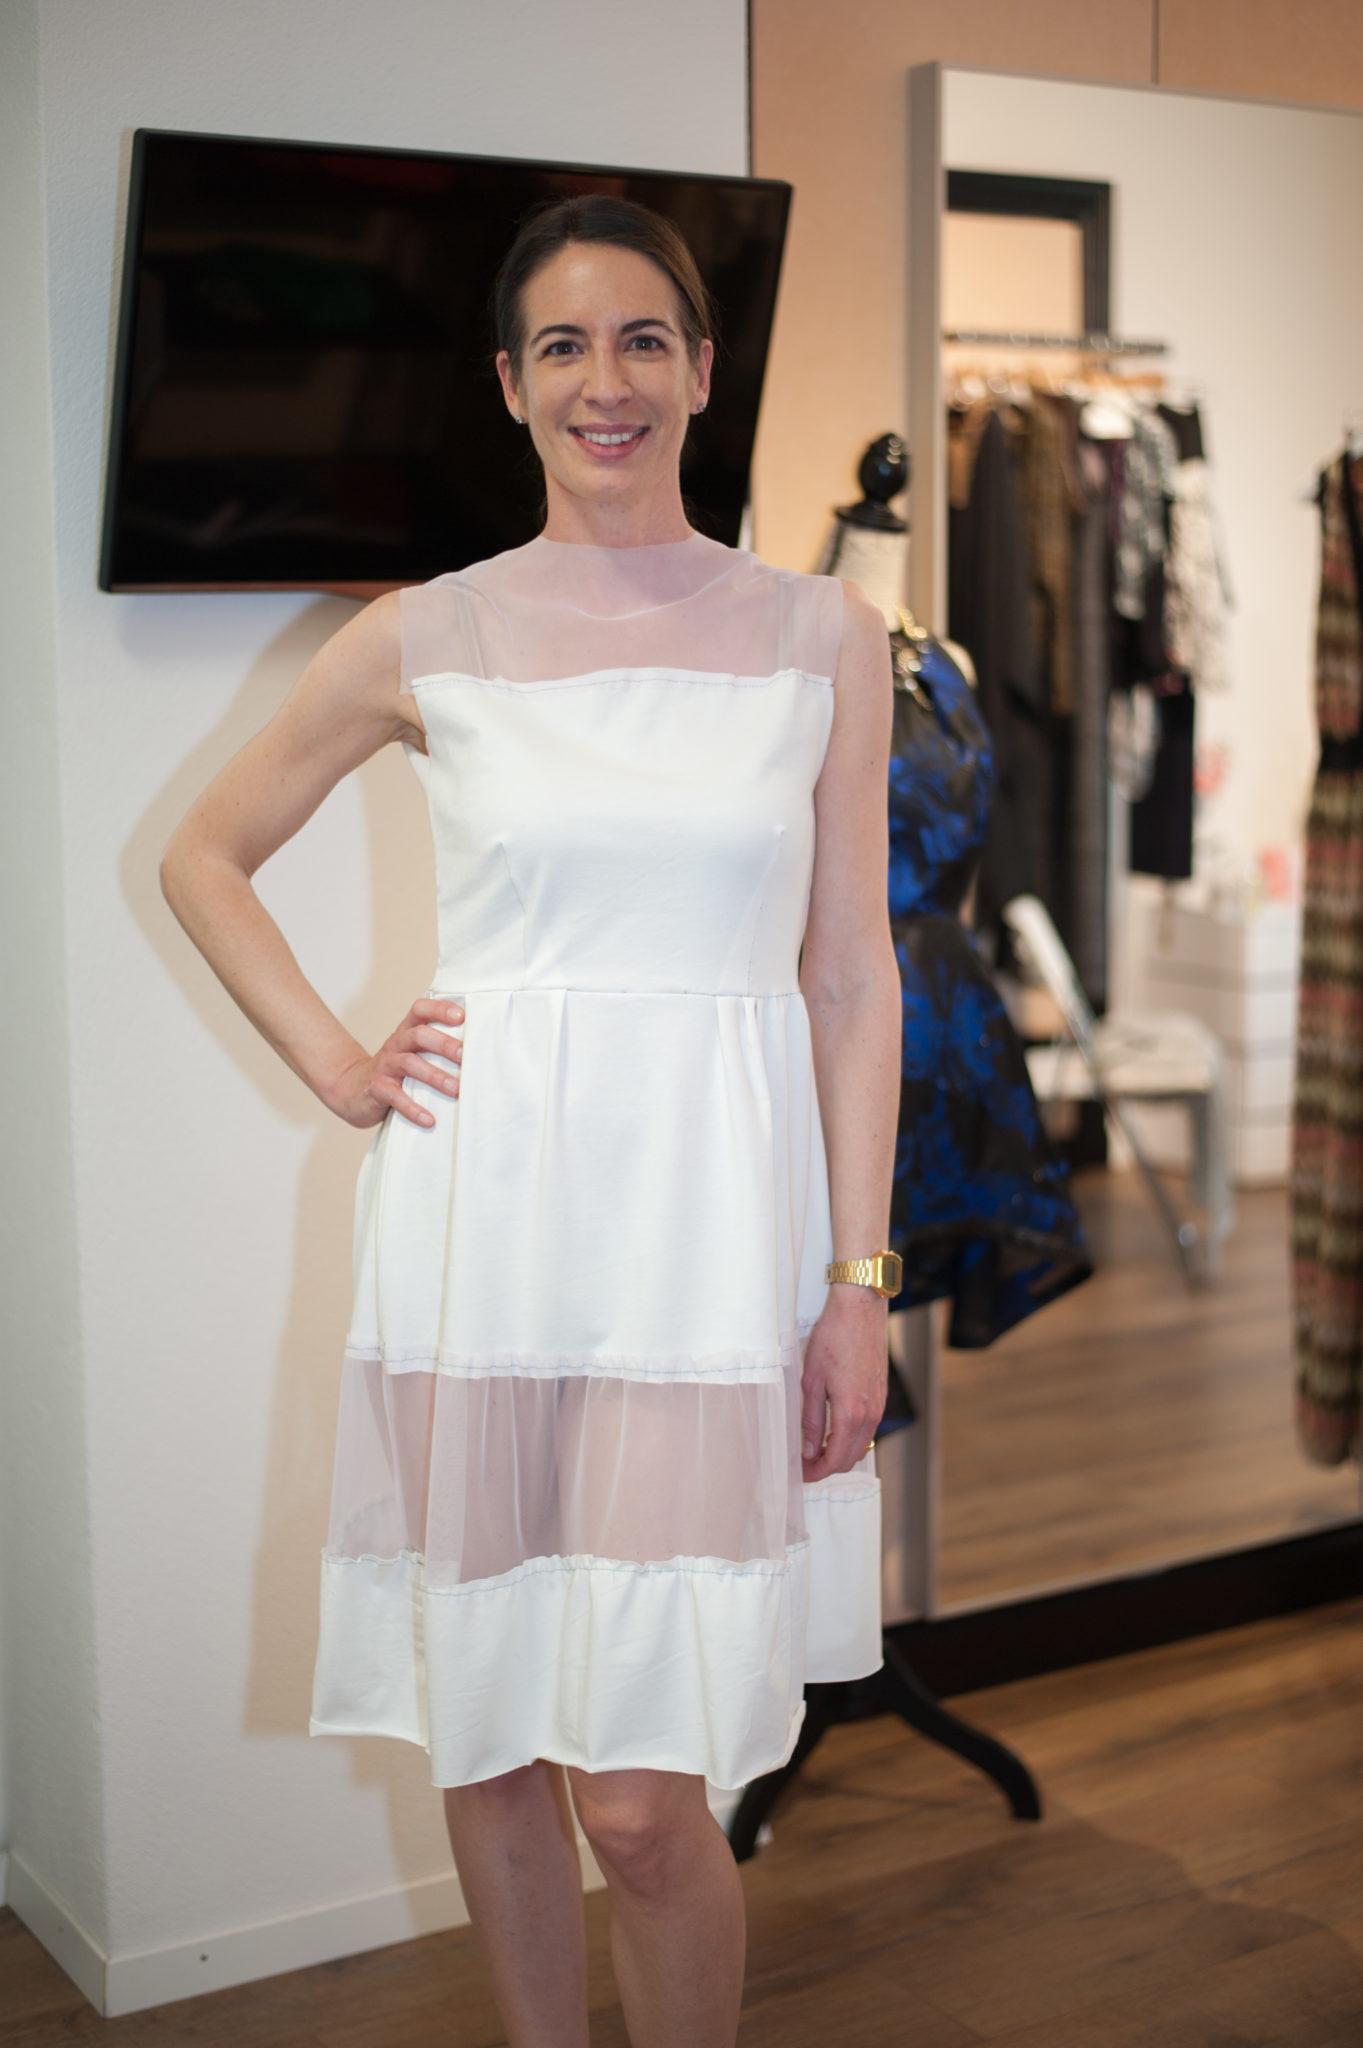 Das erstklassige Kleid für den besonderen Anlass - Wo-men-talk